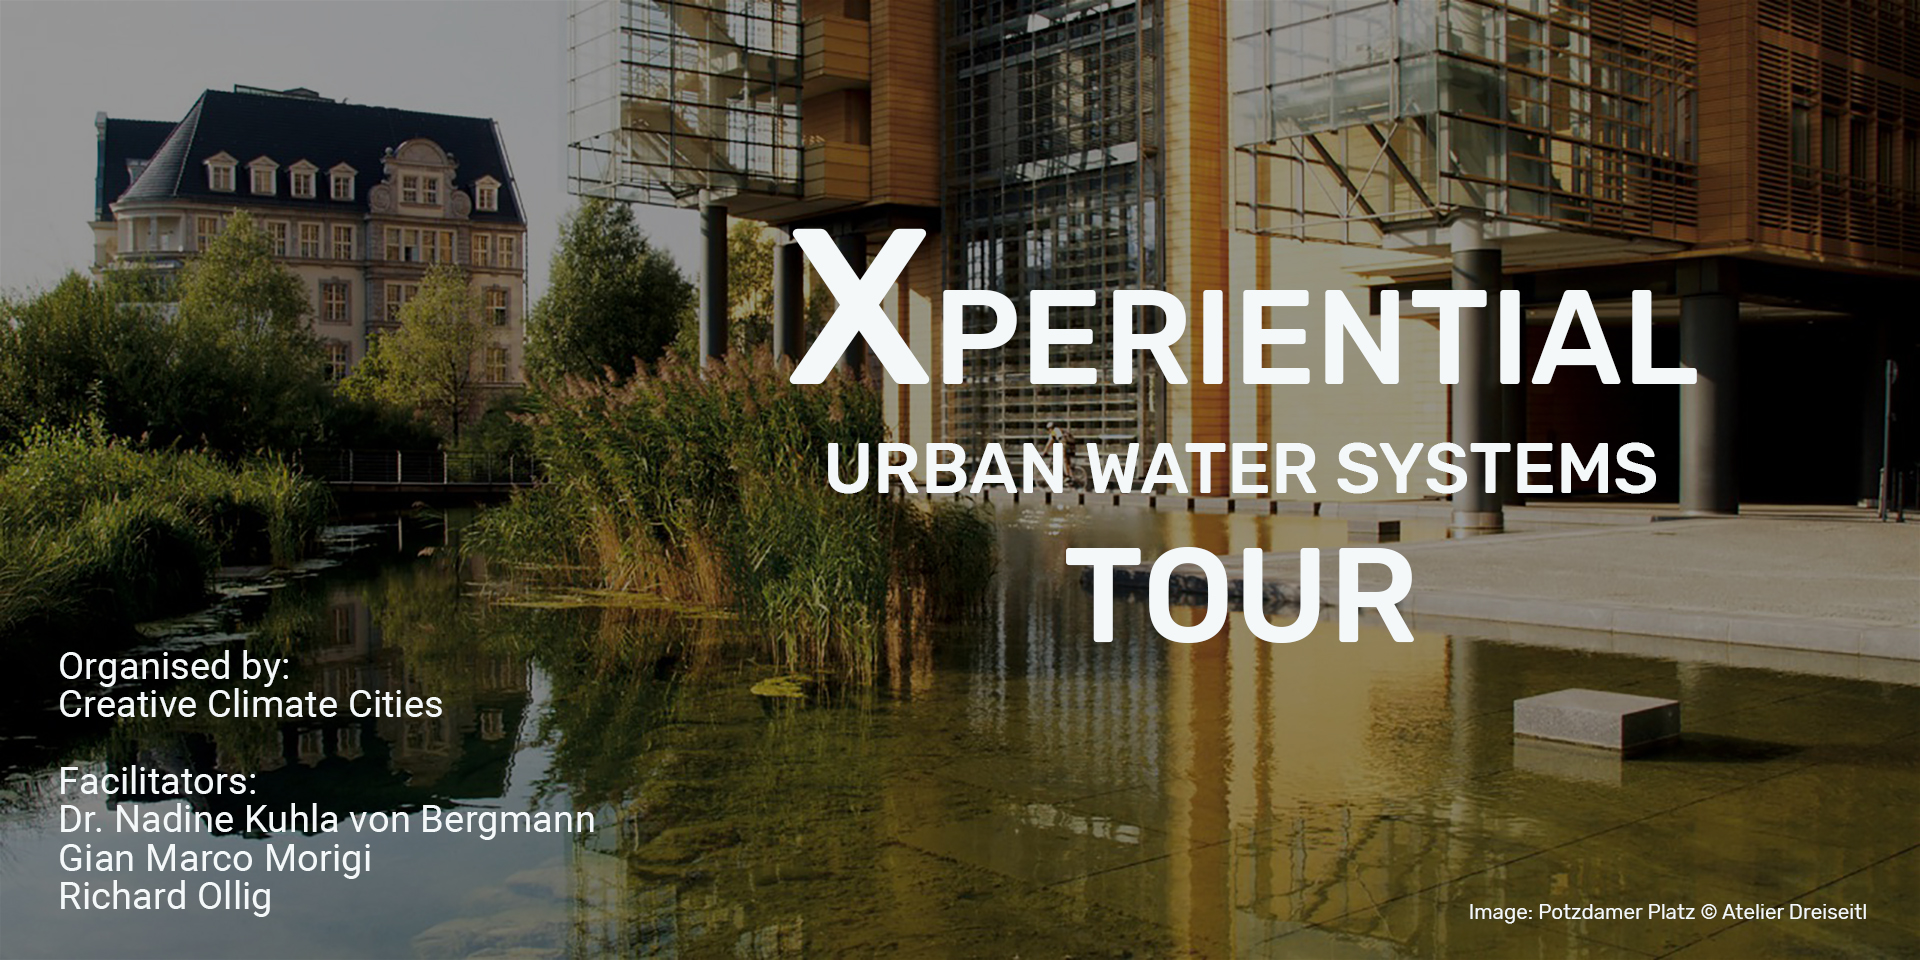 Xperiential District Tour 2019_LinkedIn announcement